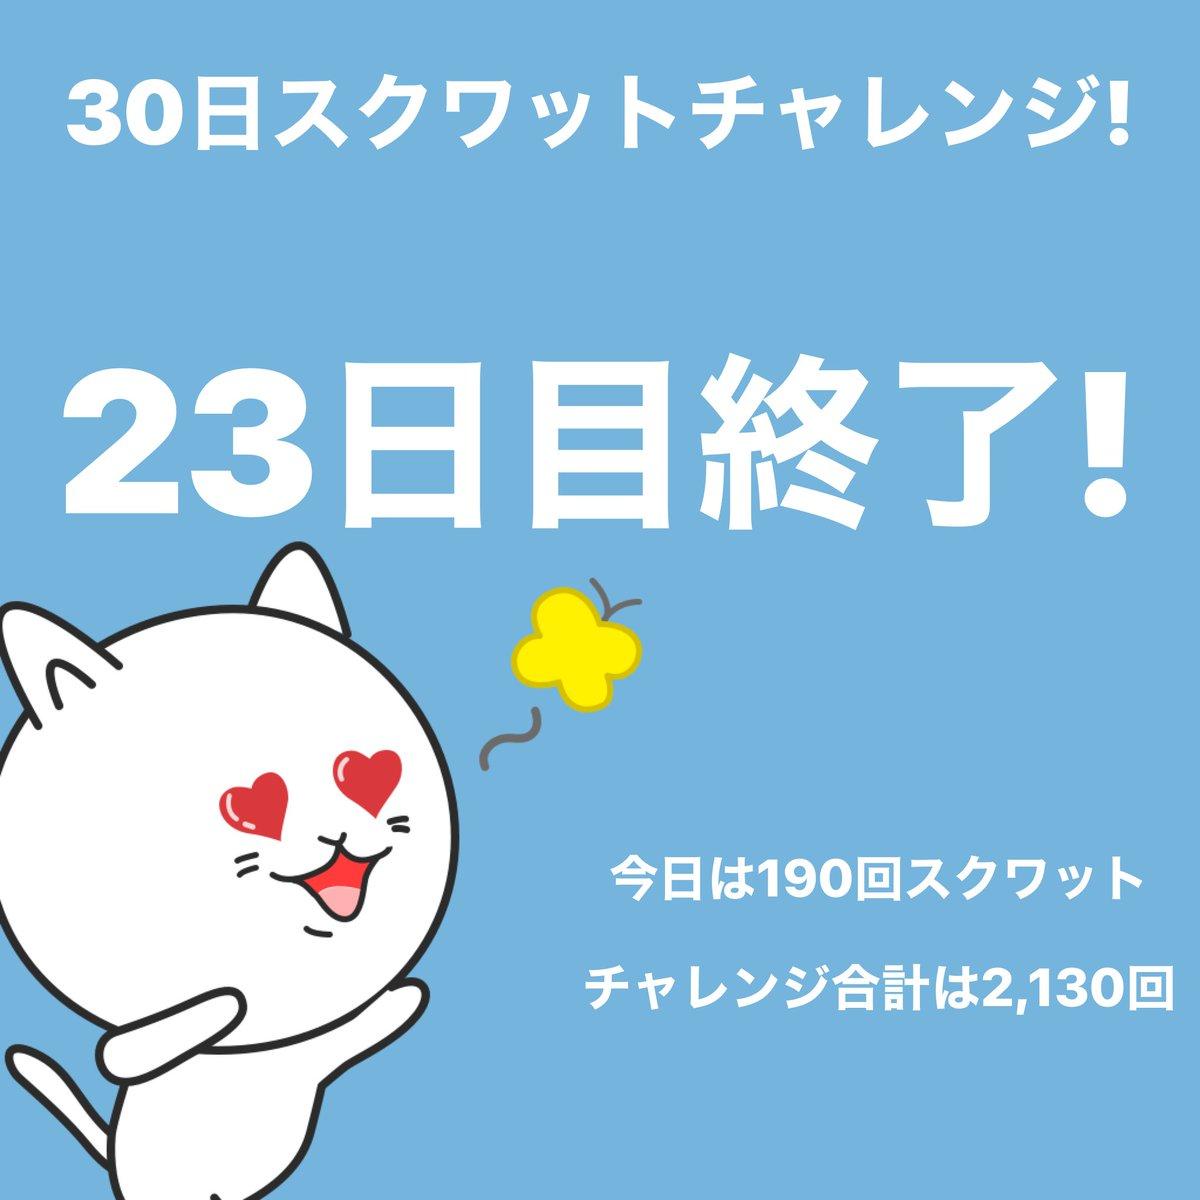 #スクワットチャレンジ 23日目終了!今日は190回スクワットしました。 #30日チャレンジ